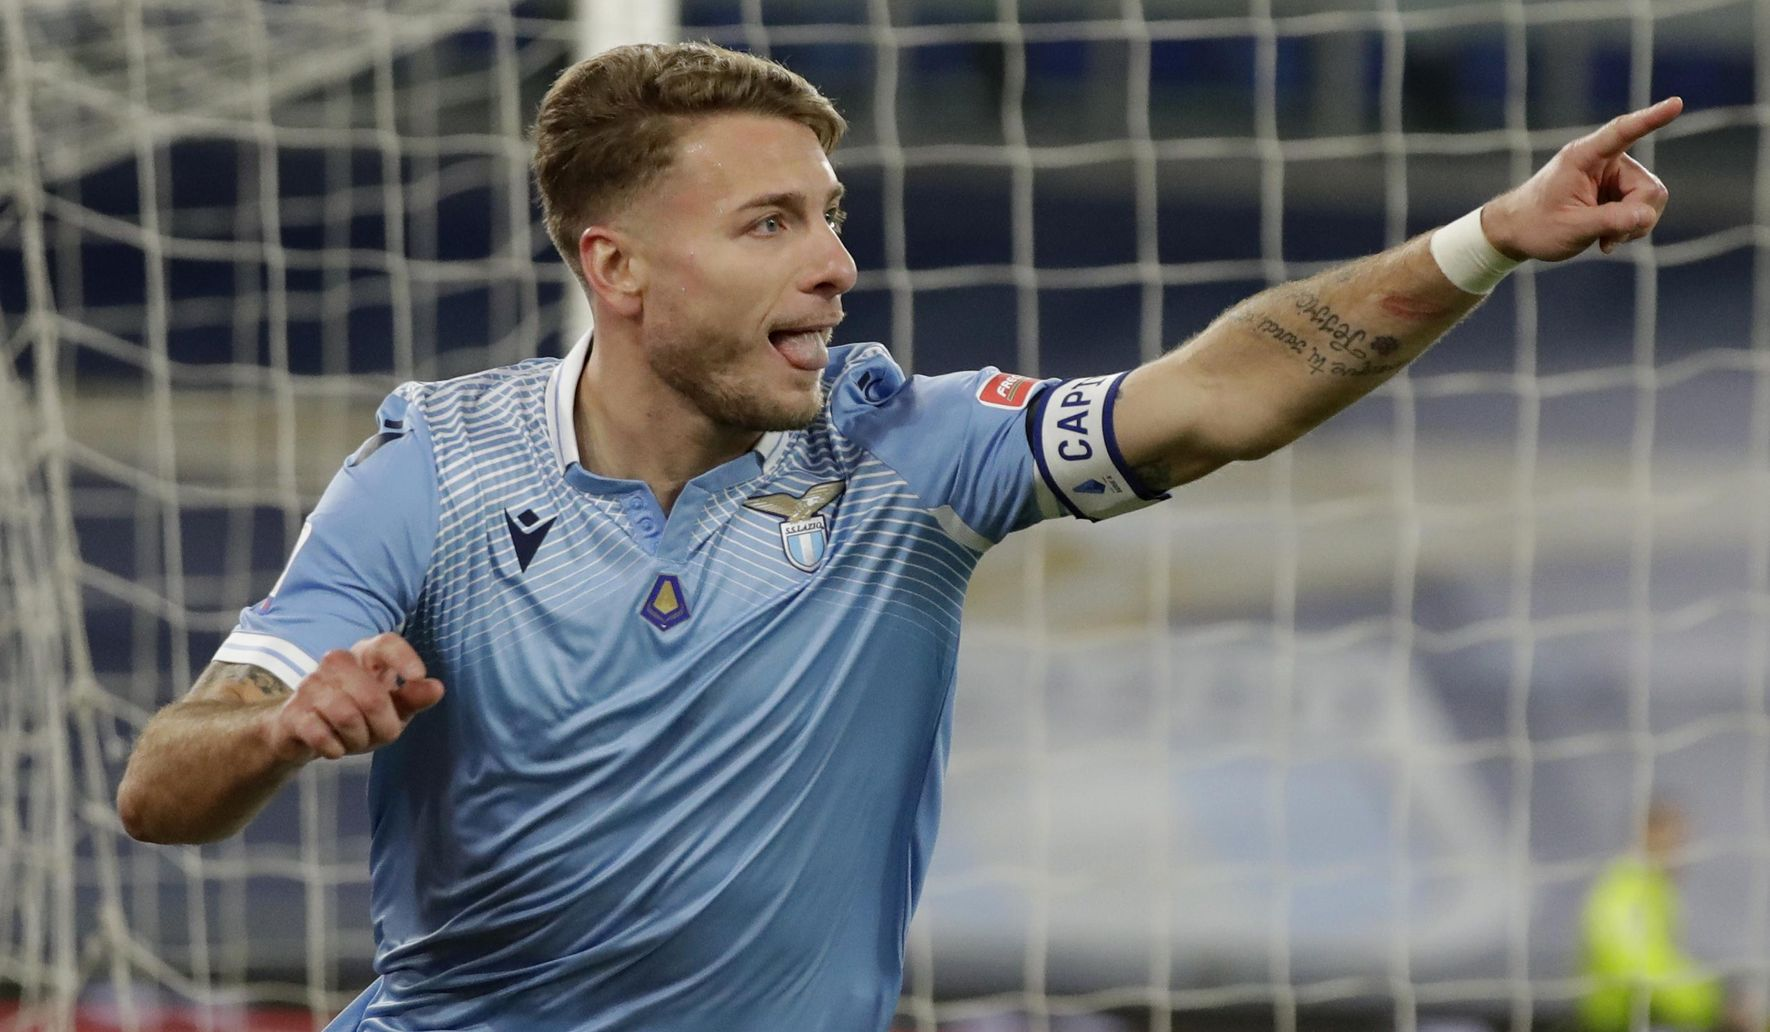 Italy_soccer_serie_a_58855_c0-54-2760-1663_s1770x1032